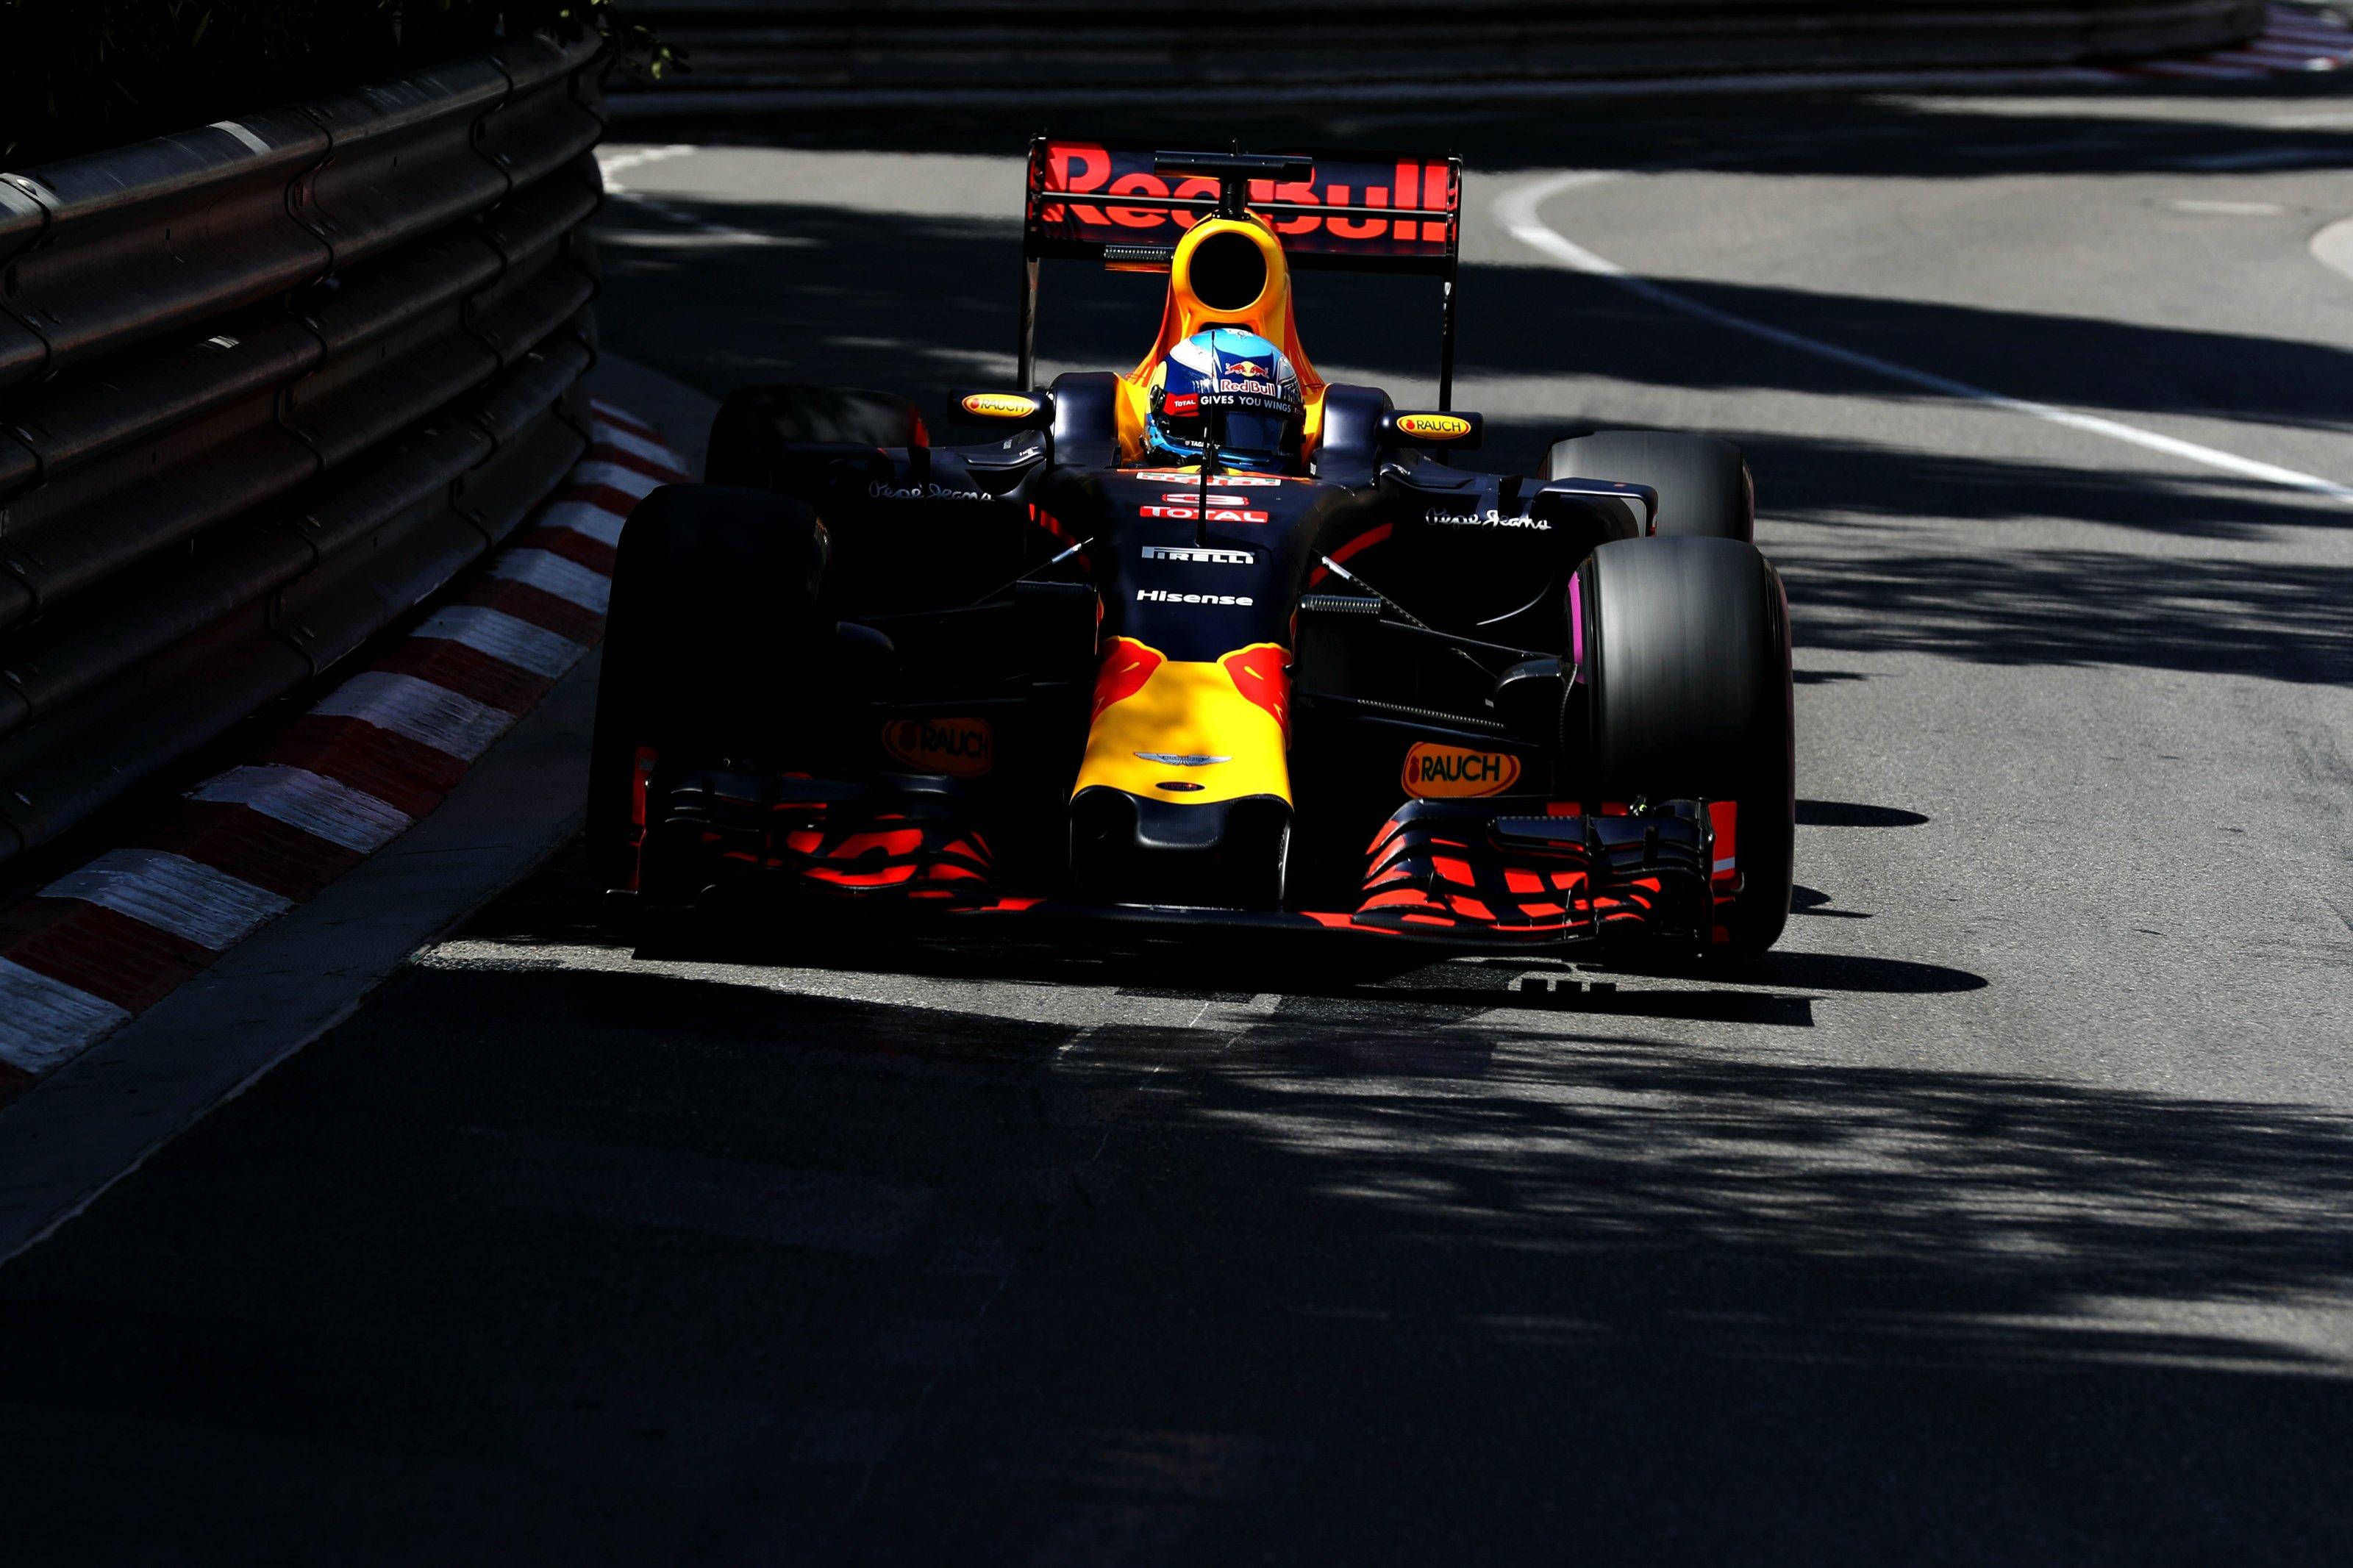 Daniel Ricciardo at the 2016 Monaco Grand Prix